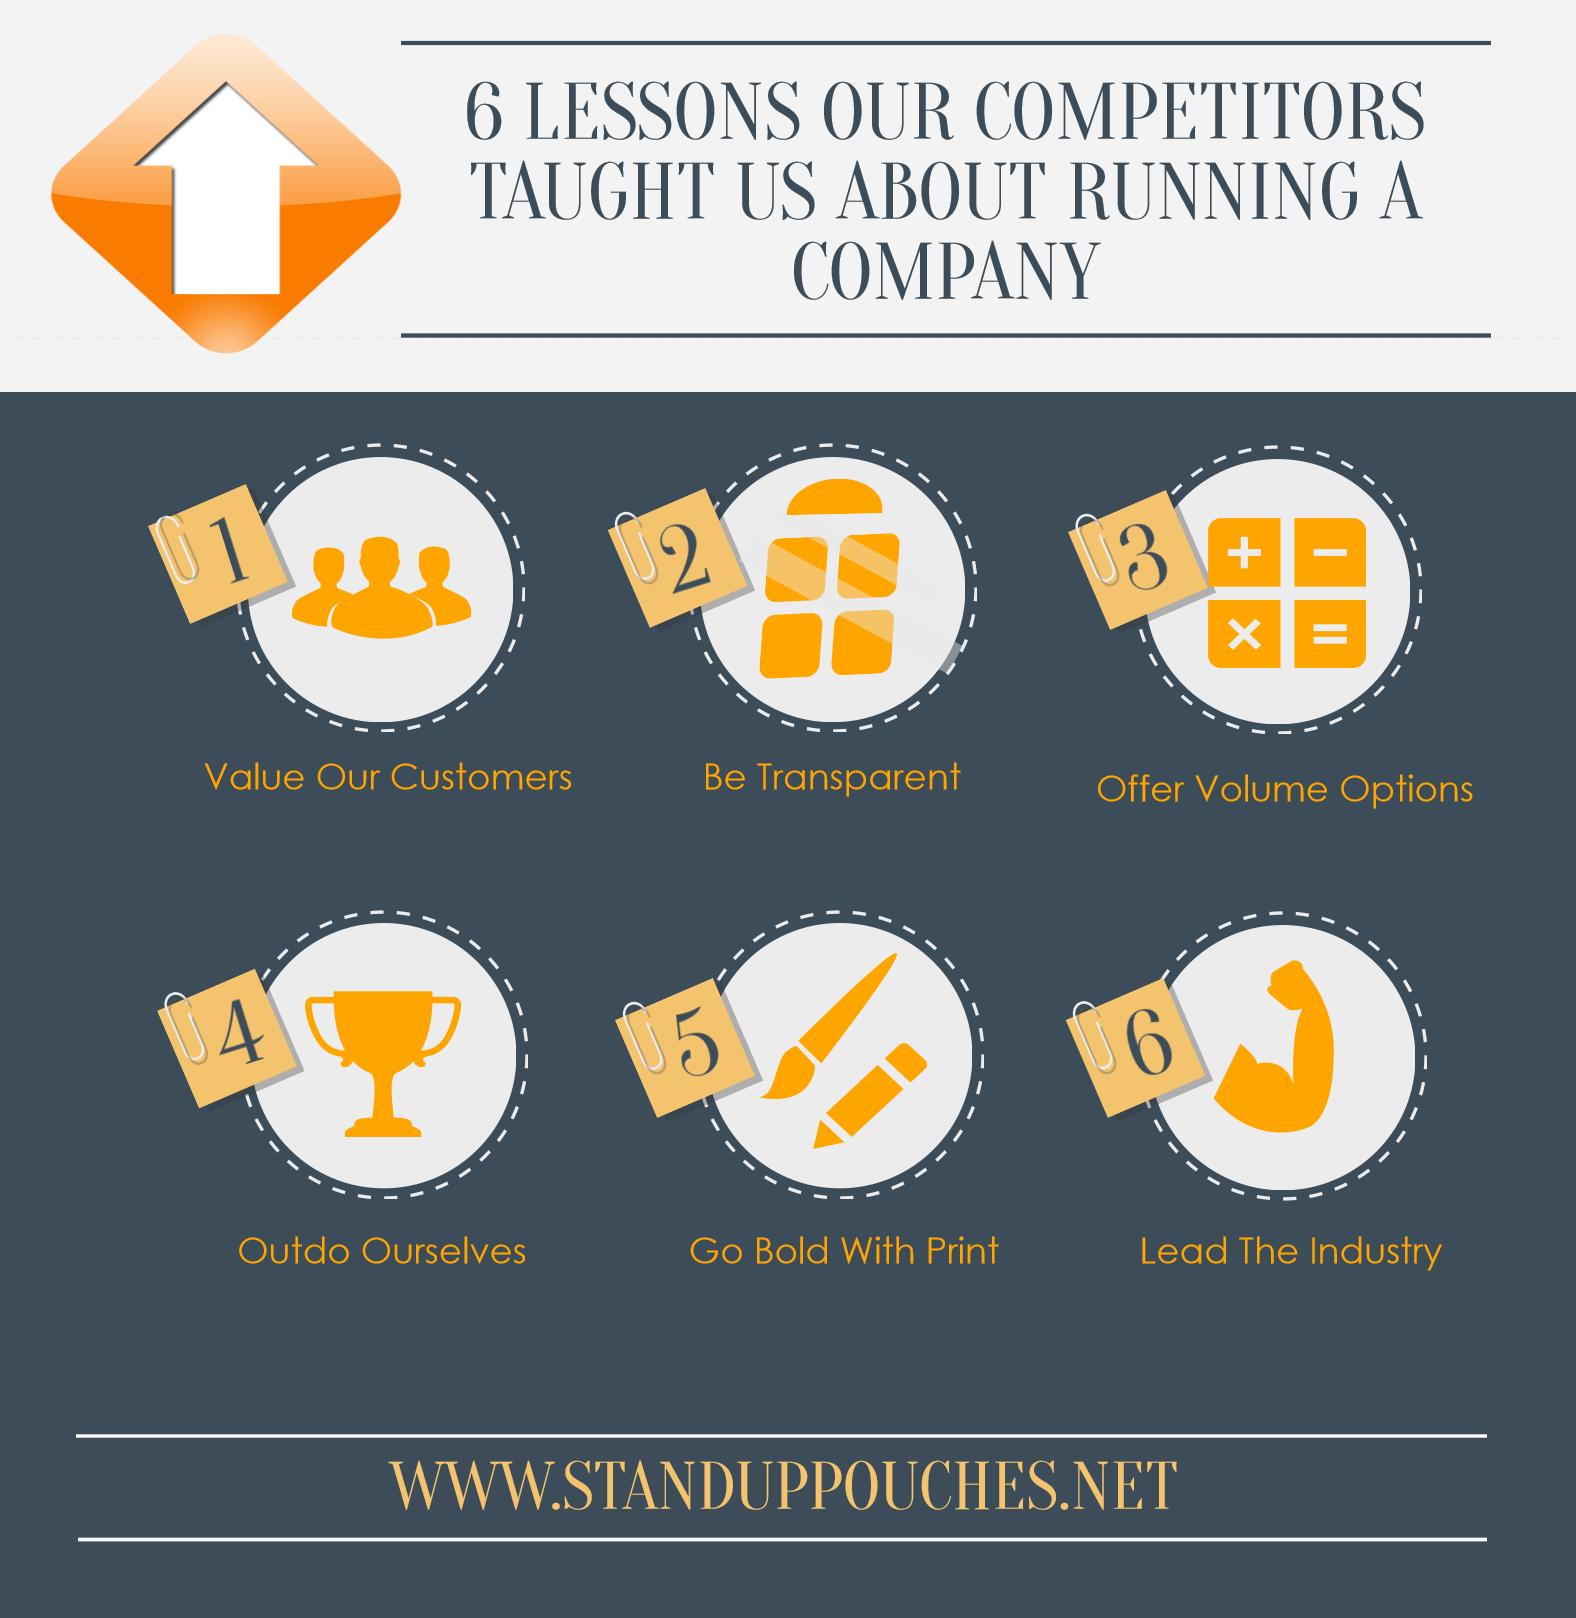 6LessonsCompetitorsTaught